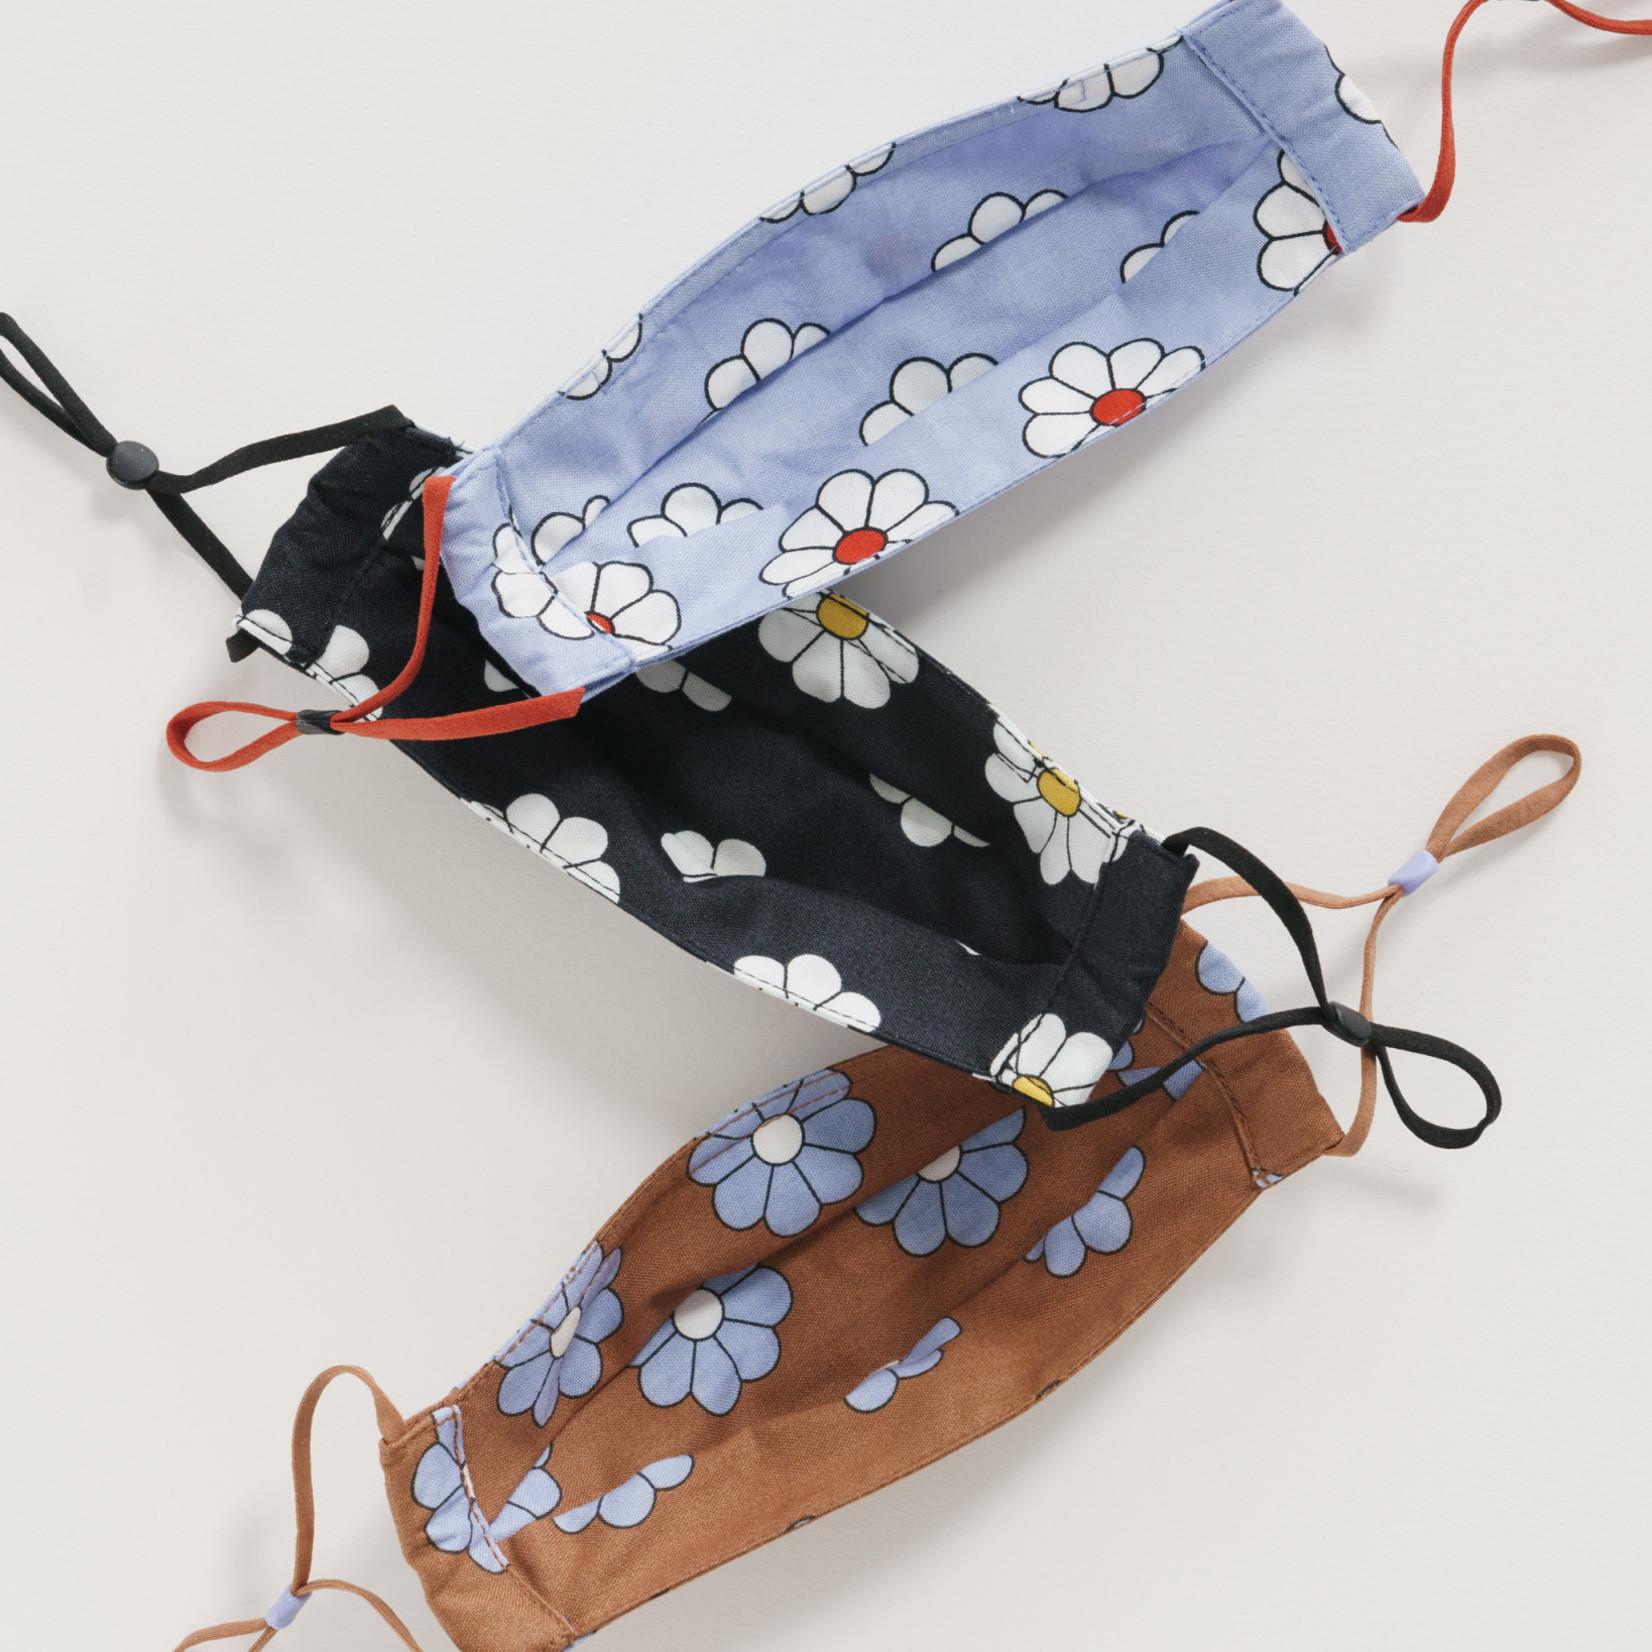 Baggu Baggu Kids' Fabric Mask Set of 3- Loop Daisy